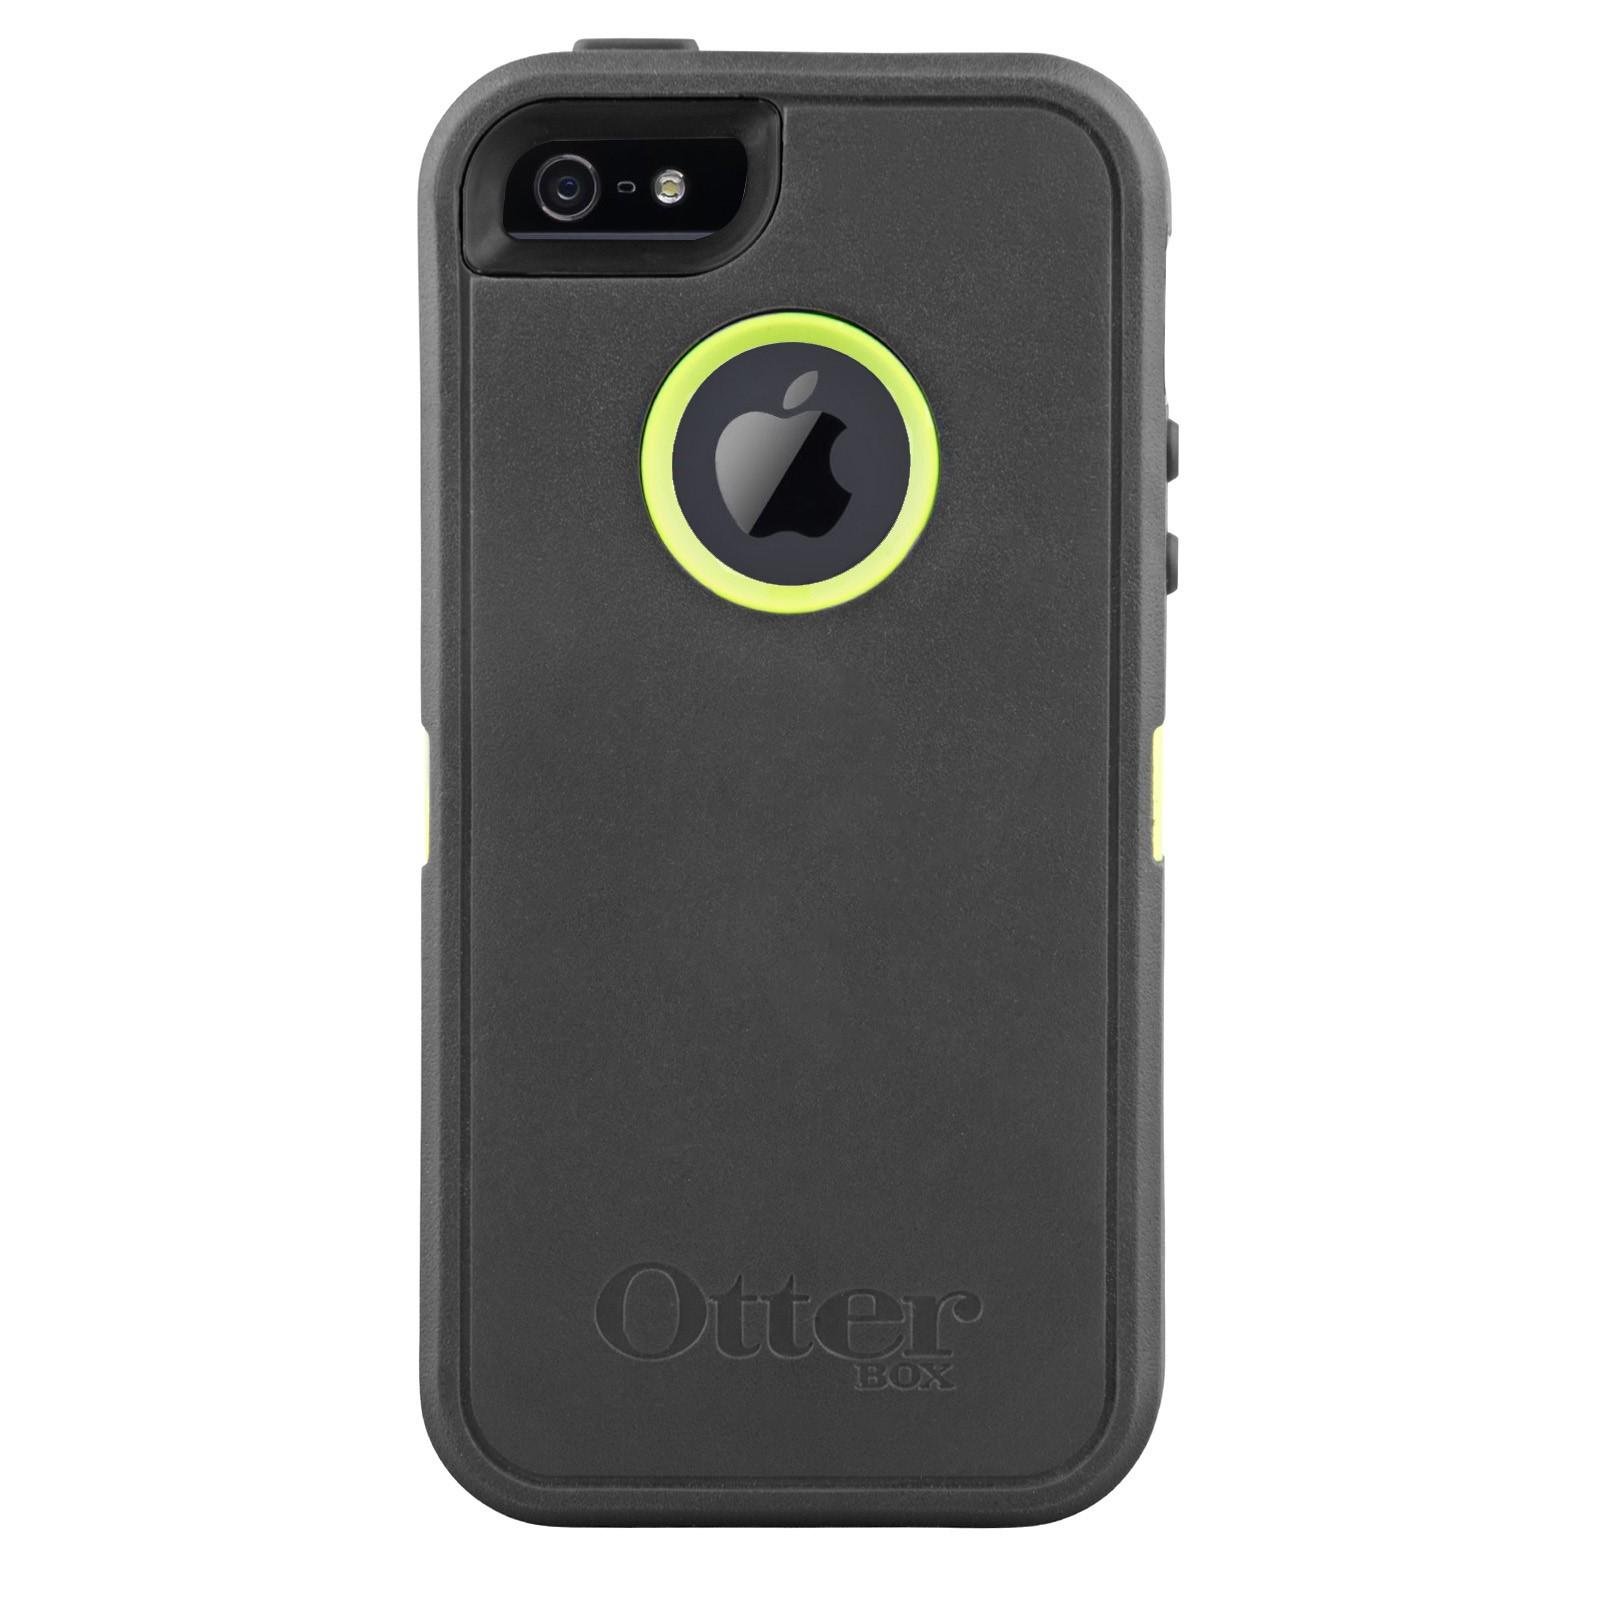 otterbox defender series case for apple iphone se 5s 5. Black Bedroom Furniture Sets. Home Design Ideas